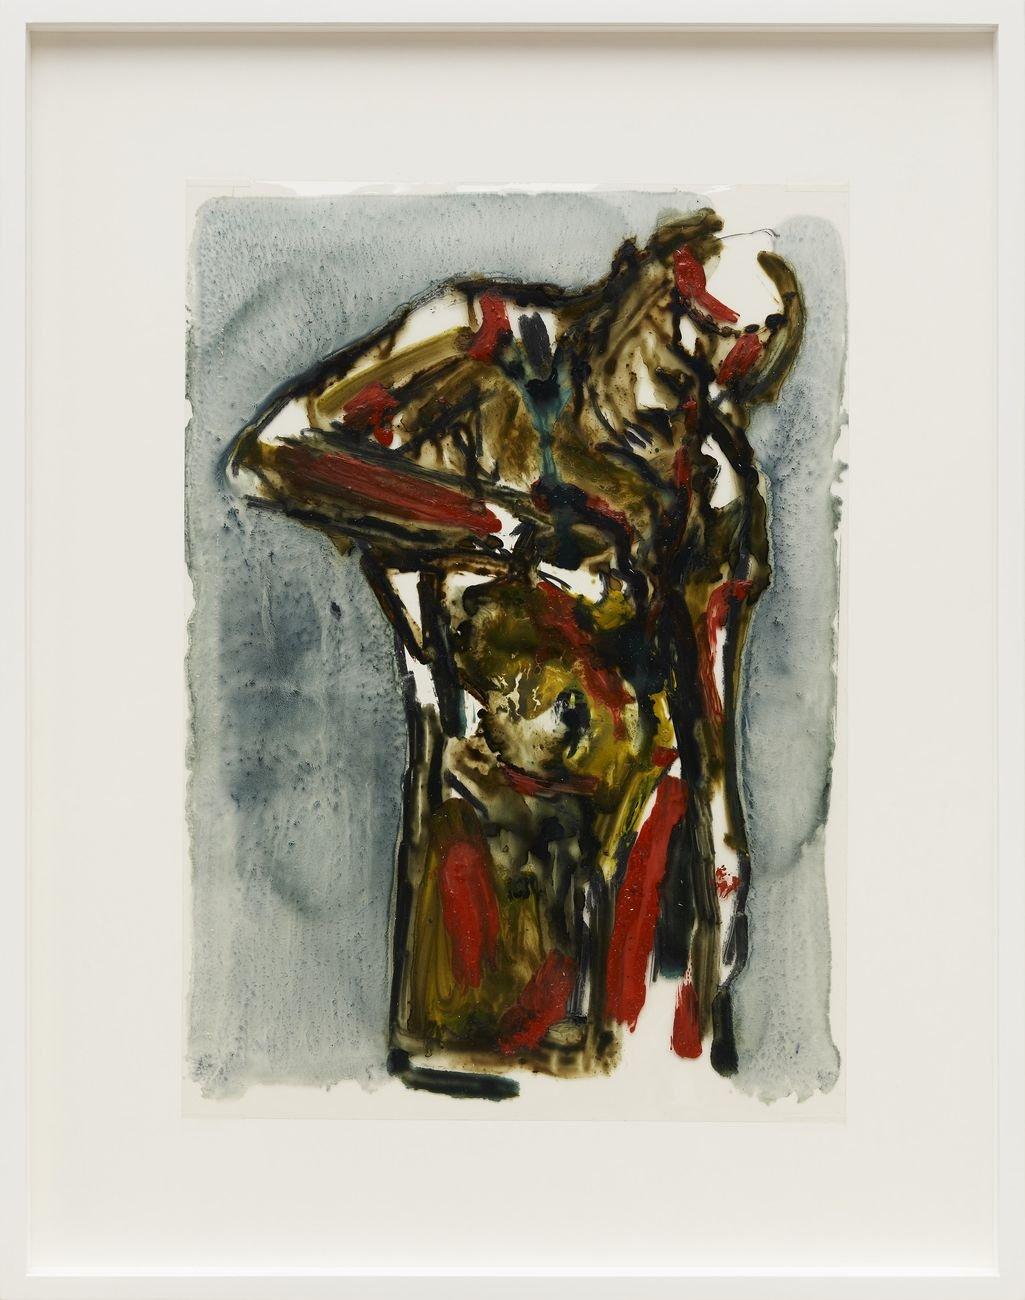 Piero Manai, Figura, 1984, tecnica mista su acetato, cm. 30x21, Courtesy P420 & CAR DRDE, Bologna. Photo Carlo Favero